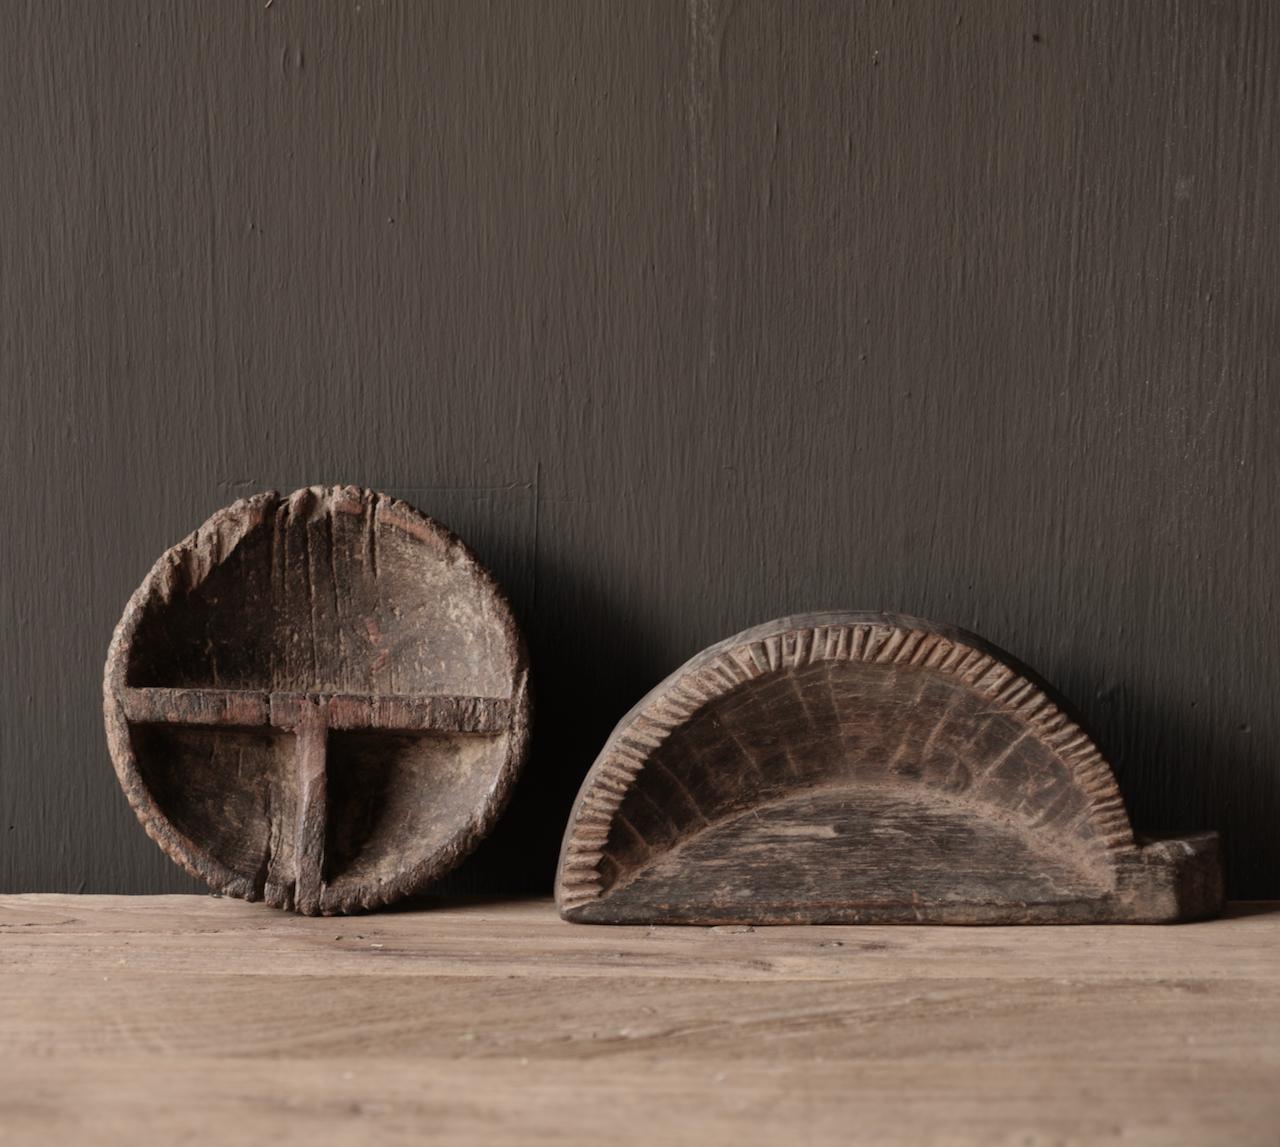 Alte nepalesische Gewürzkiste aus Holz-4